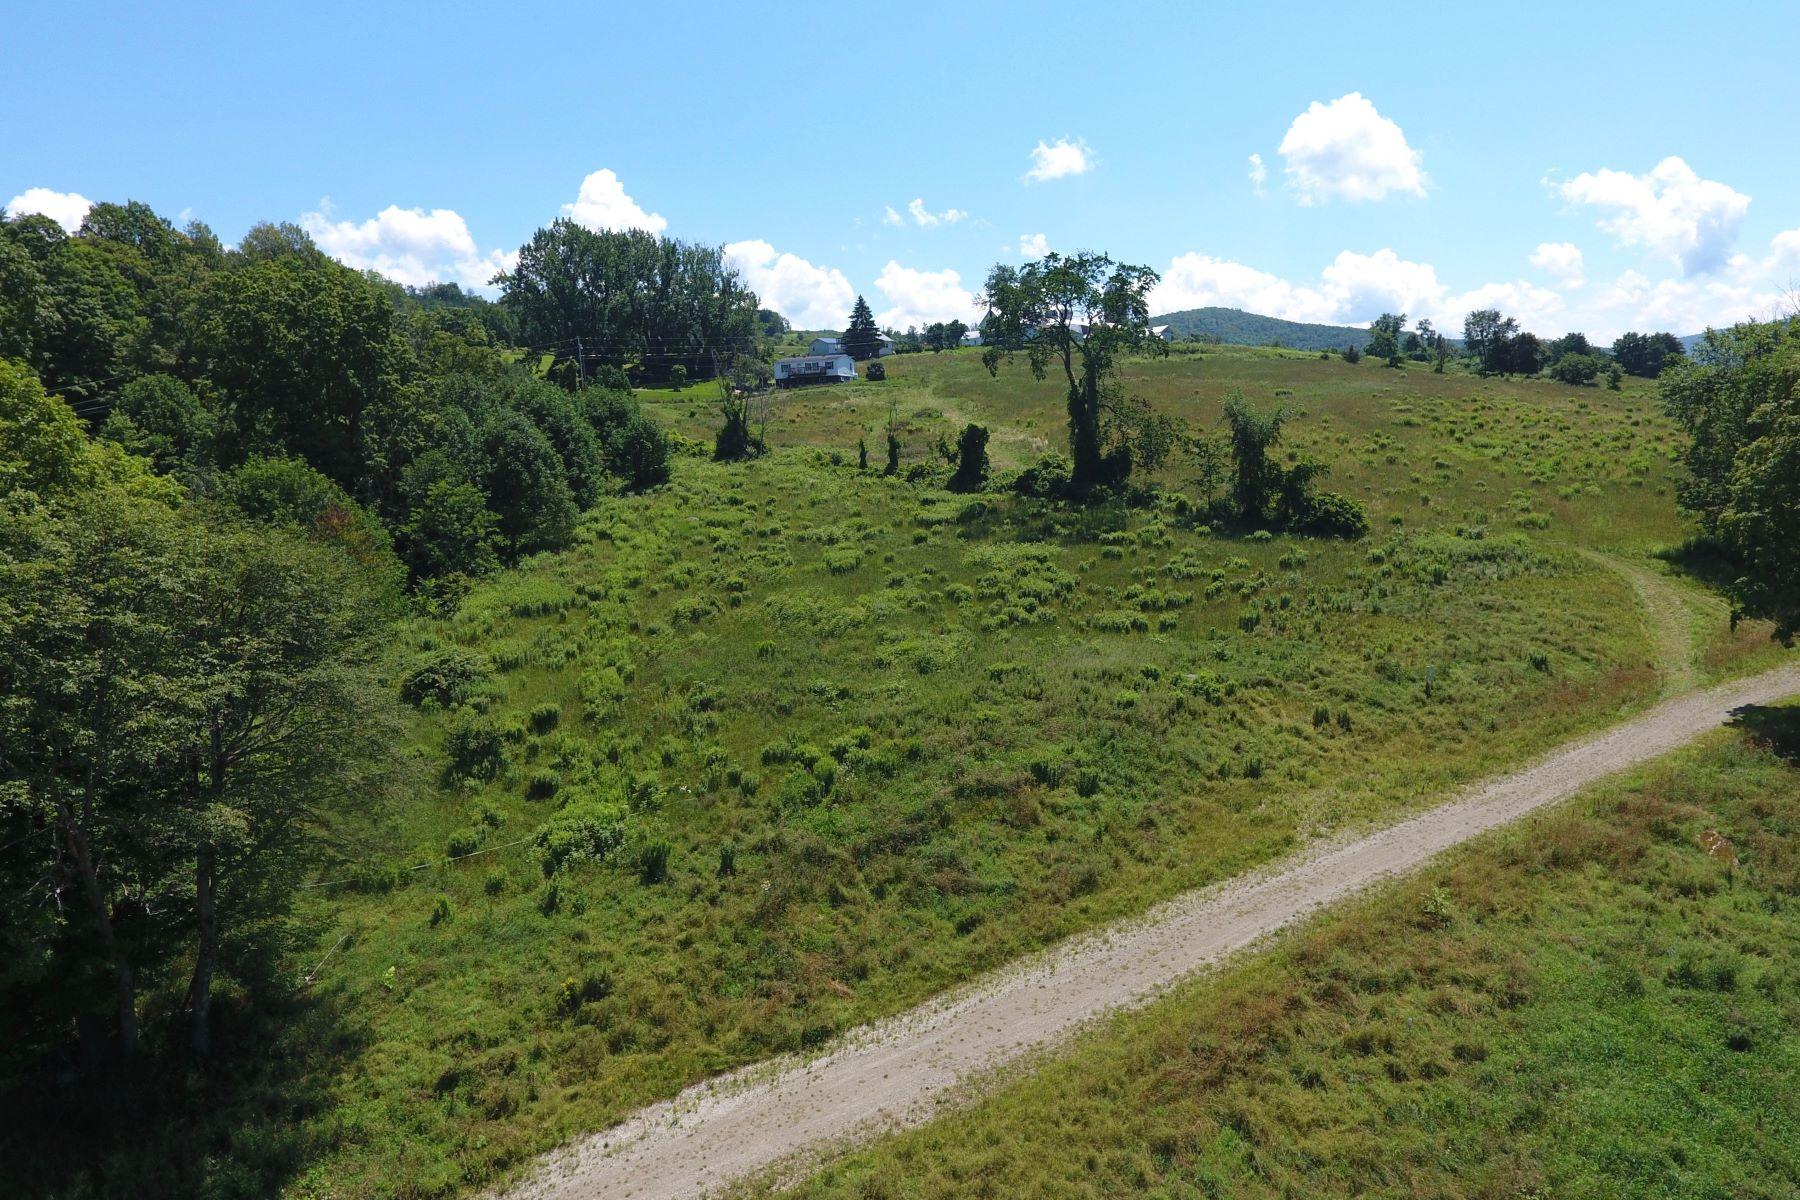 Land for Sale at Lot #4 Hillside Drive, Bristol Lot #4 Hillside Dr Bristol, Vermont 05443 United States